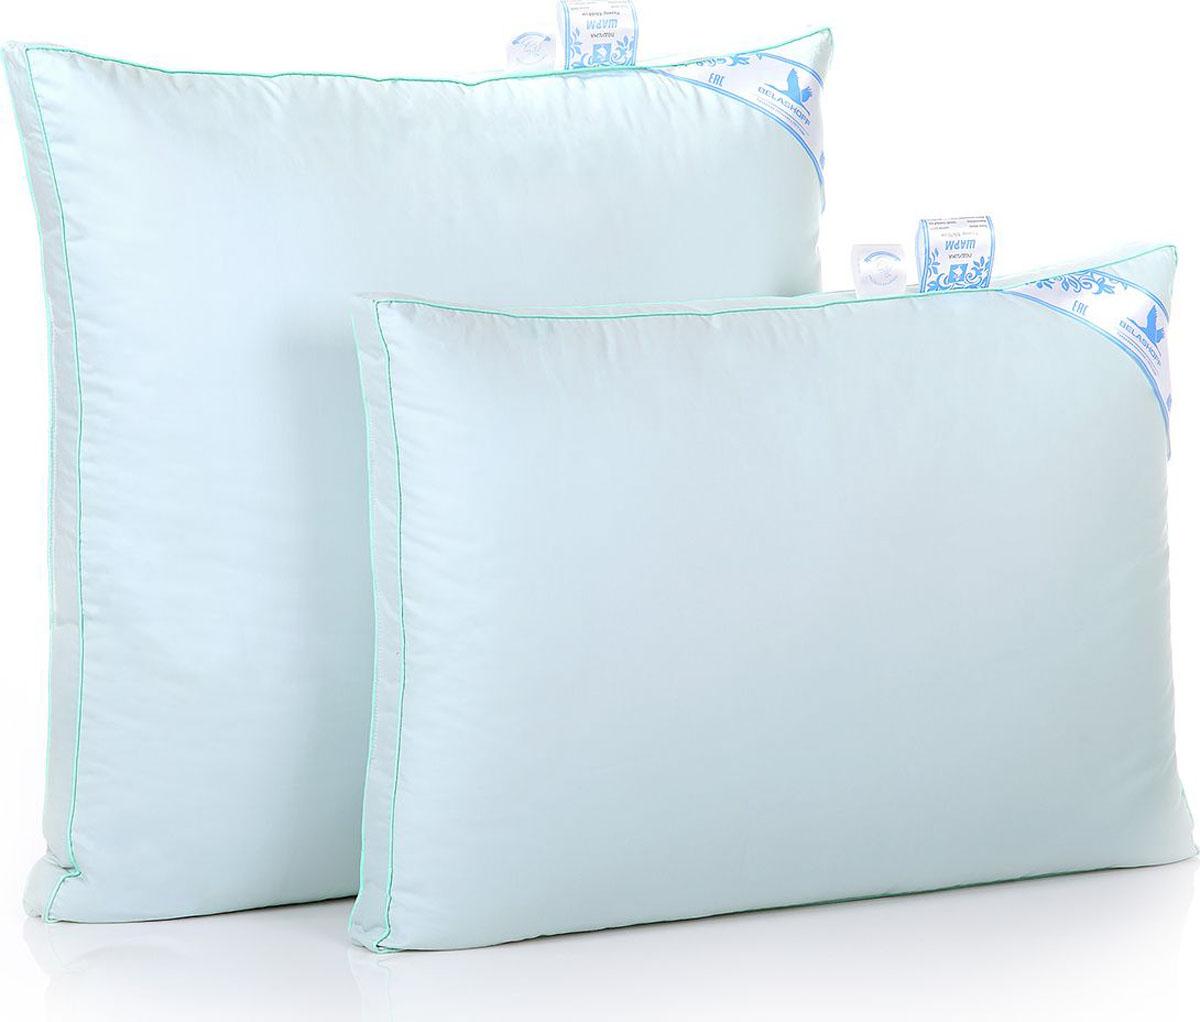 Belashoff Подушка Шарм цвет голубой 68 x 68 смПШ1-1Коллекцию Шарм оценят покупатели с чувством стиля, ценящие комфорт и качество. Неповторимый внешний вид и дополнительный объем изделиям придает бортик — оригинальная деталь кроя чехла. Равномерное распределение наполнителя обеспечивает кассетная конструкция одеял, а особенная конструкция подушки способствует расслаблению мышц шеи, обеспечивая идеальные условия для сна.